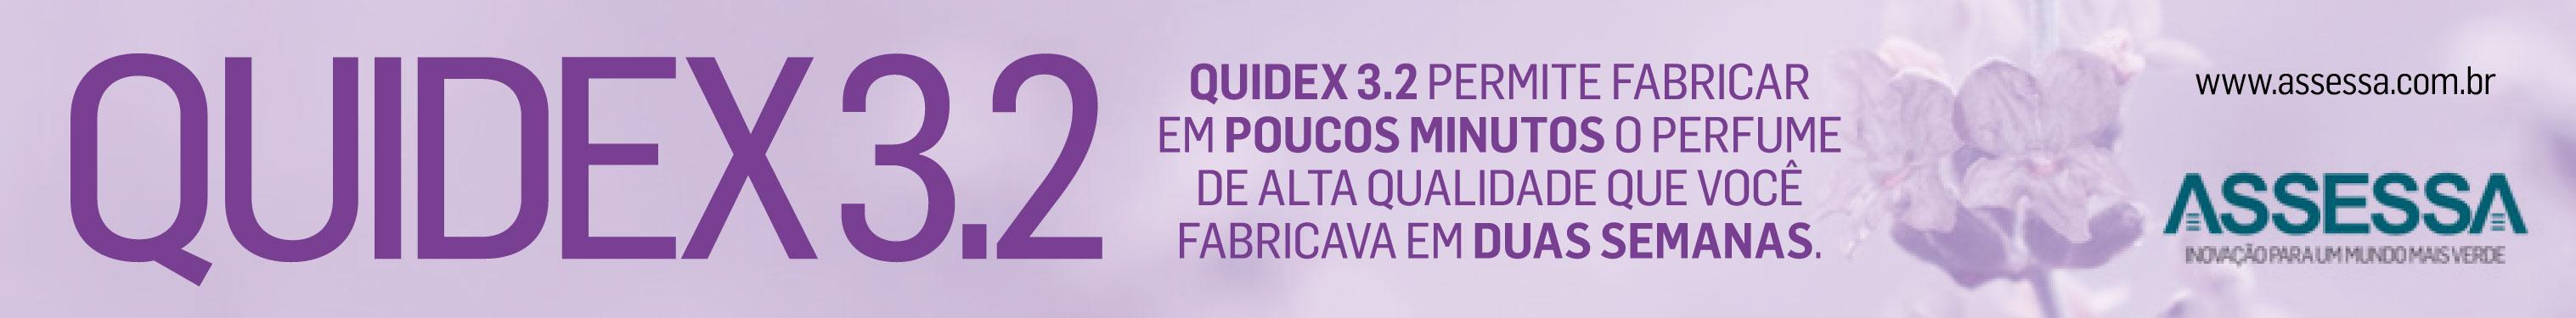 https://assessa.com.br/quidex/